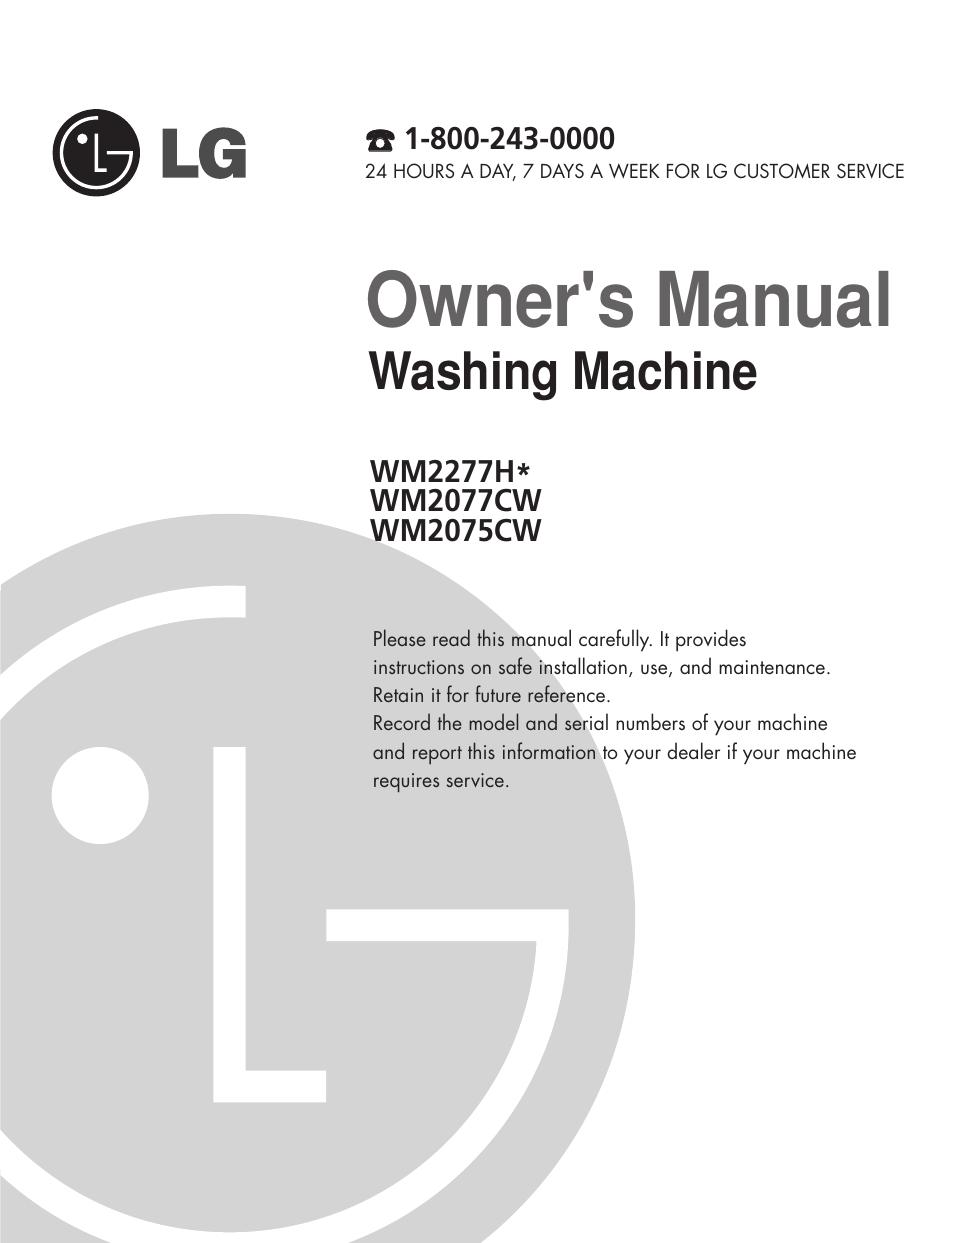 Owner's manual, Washing machine   LG WM2277H series User Manual   Page 3 /  50